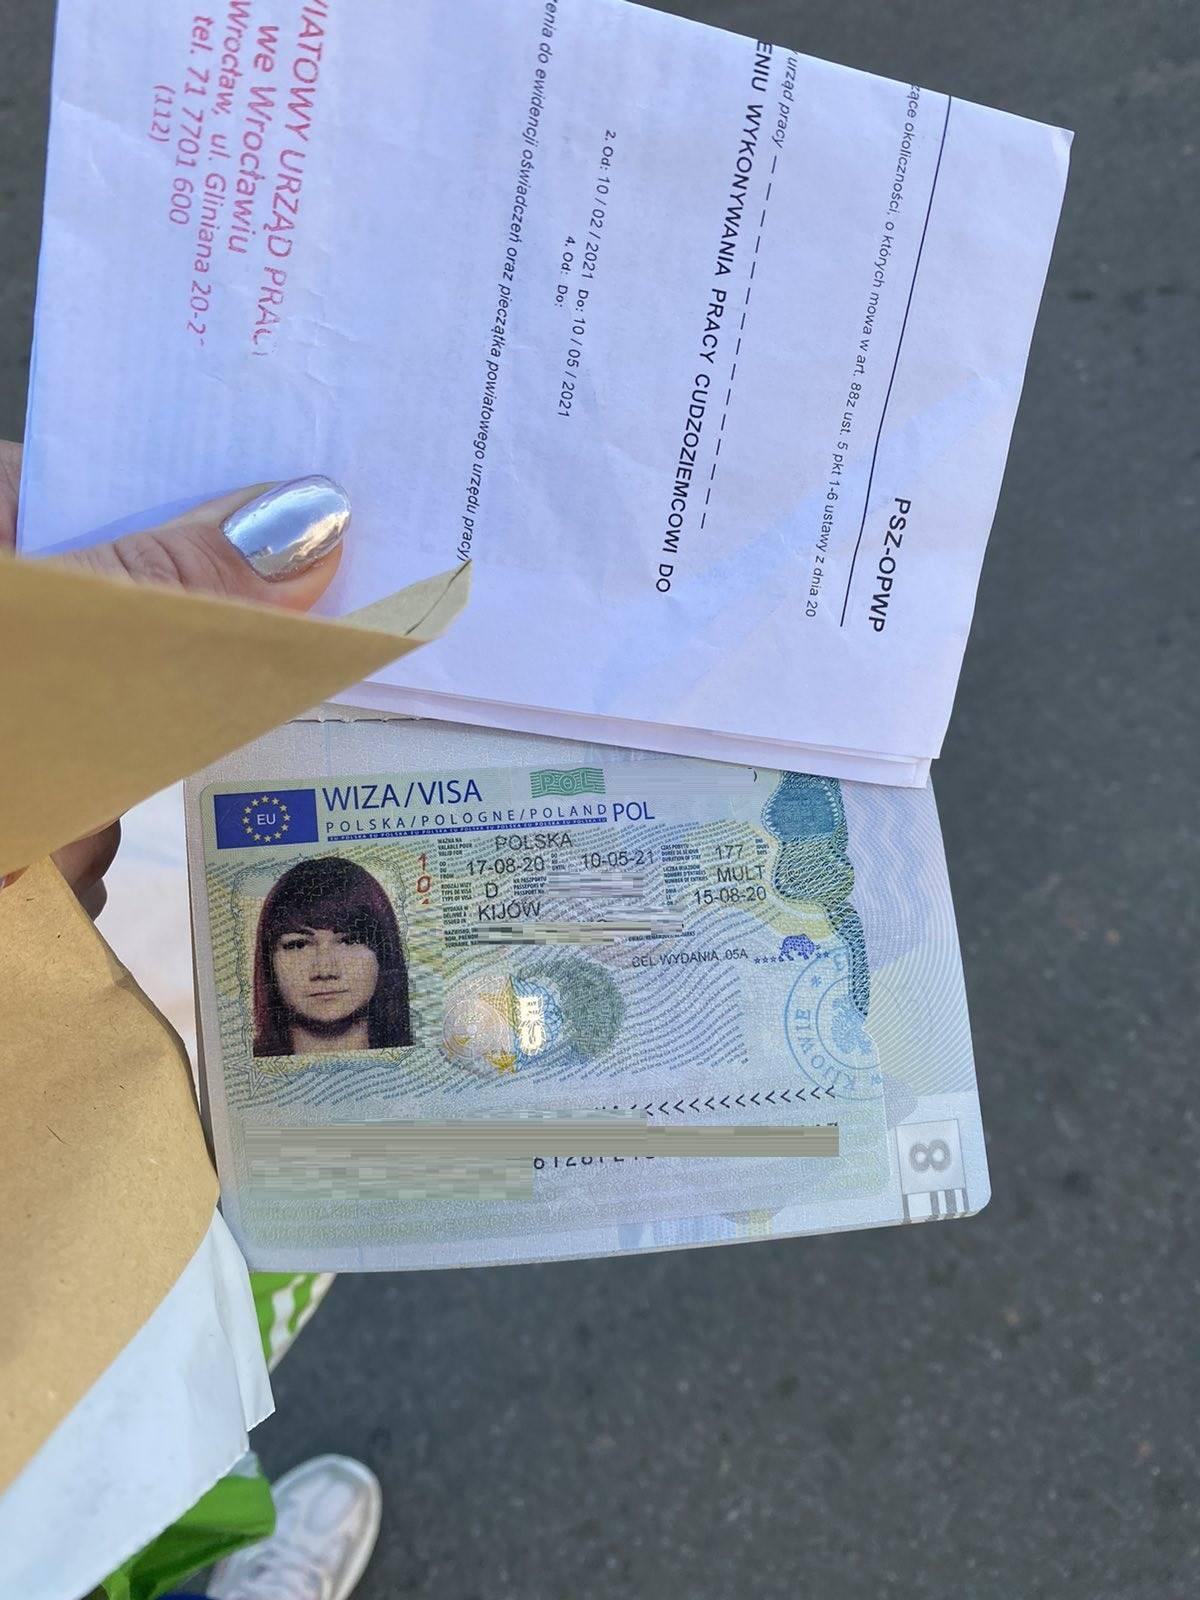 Срочная виза в польшу за 3 дня, 1 день в москве 2020